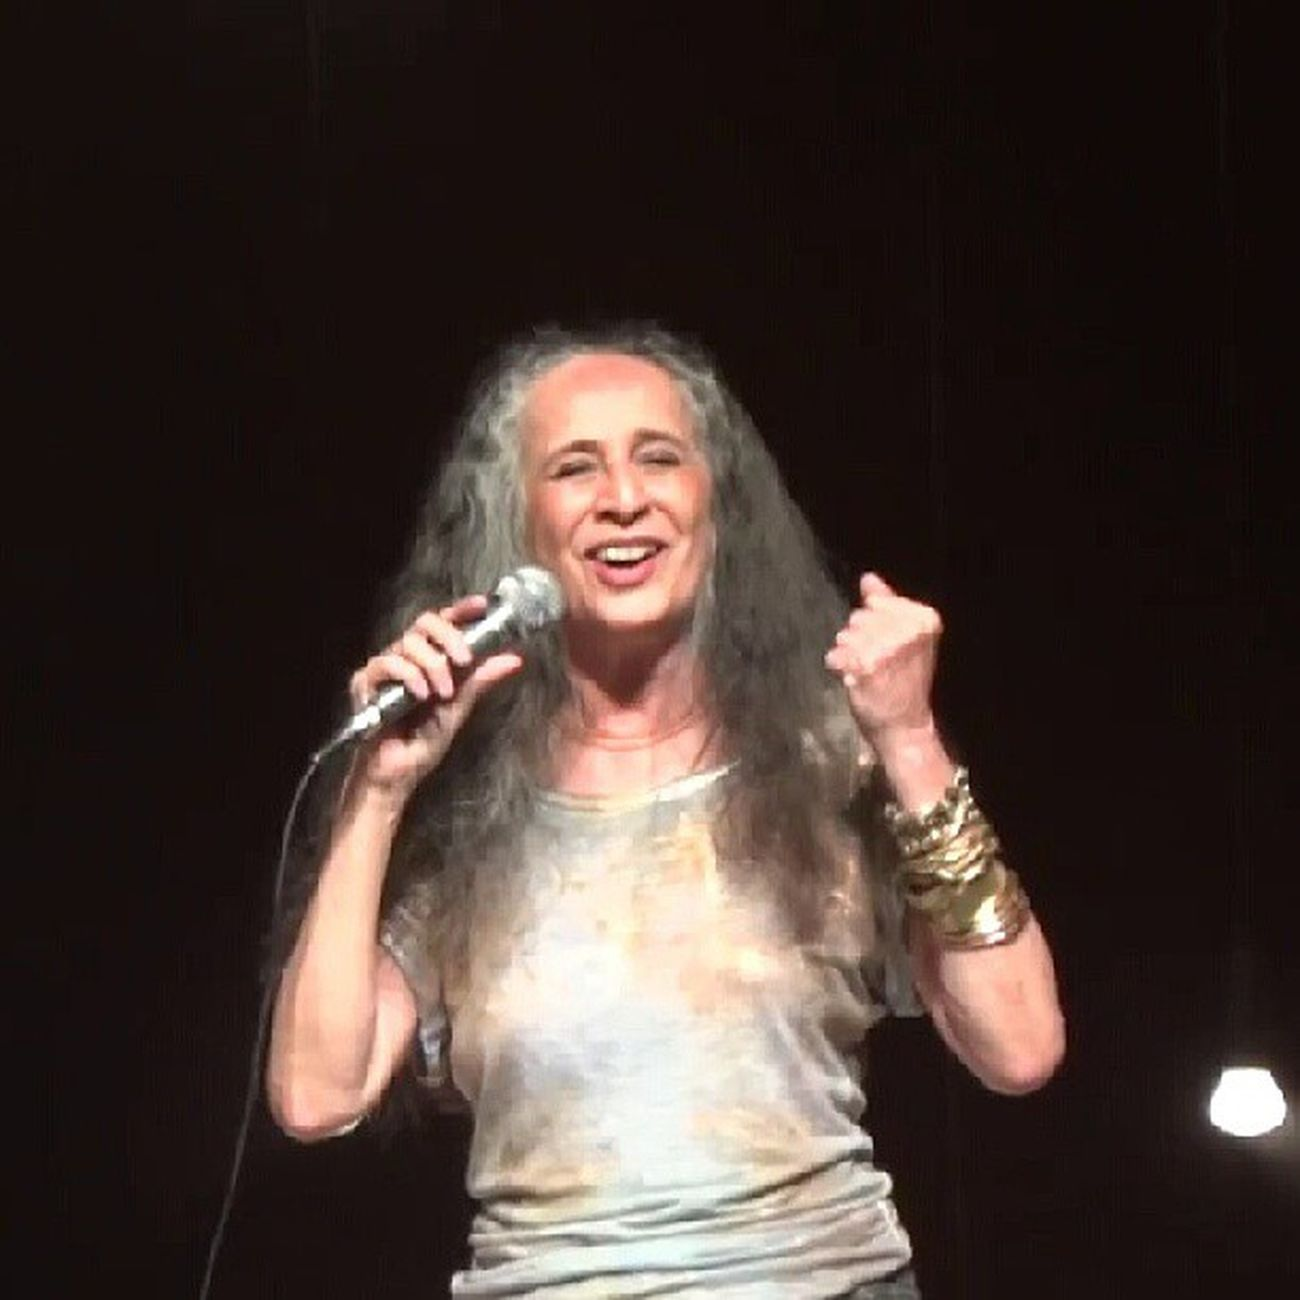 Pra mim, a pessoa que melhor canta no planeta terra - só perde para os pássaros: Mariabethania